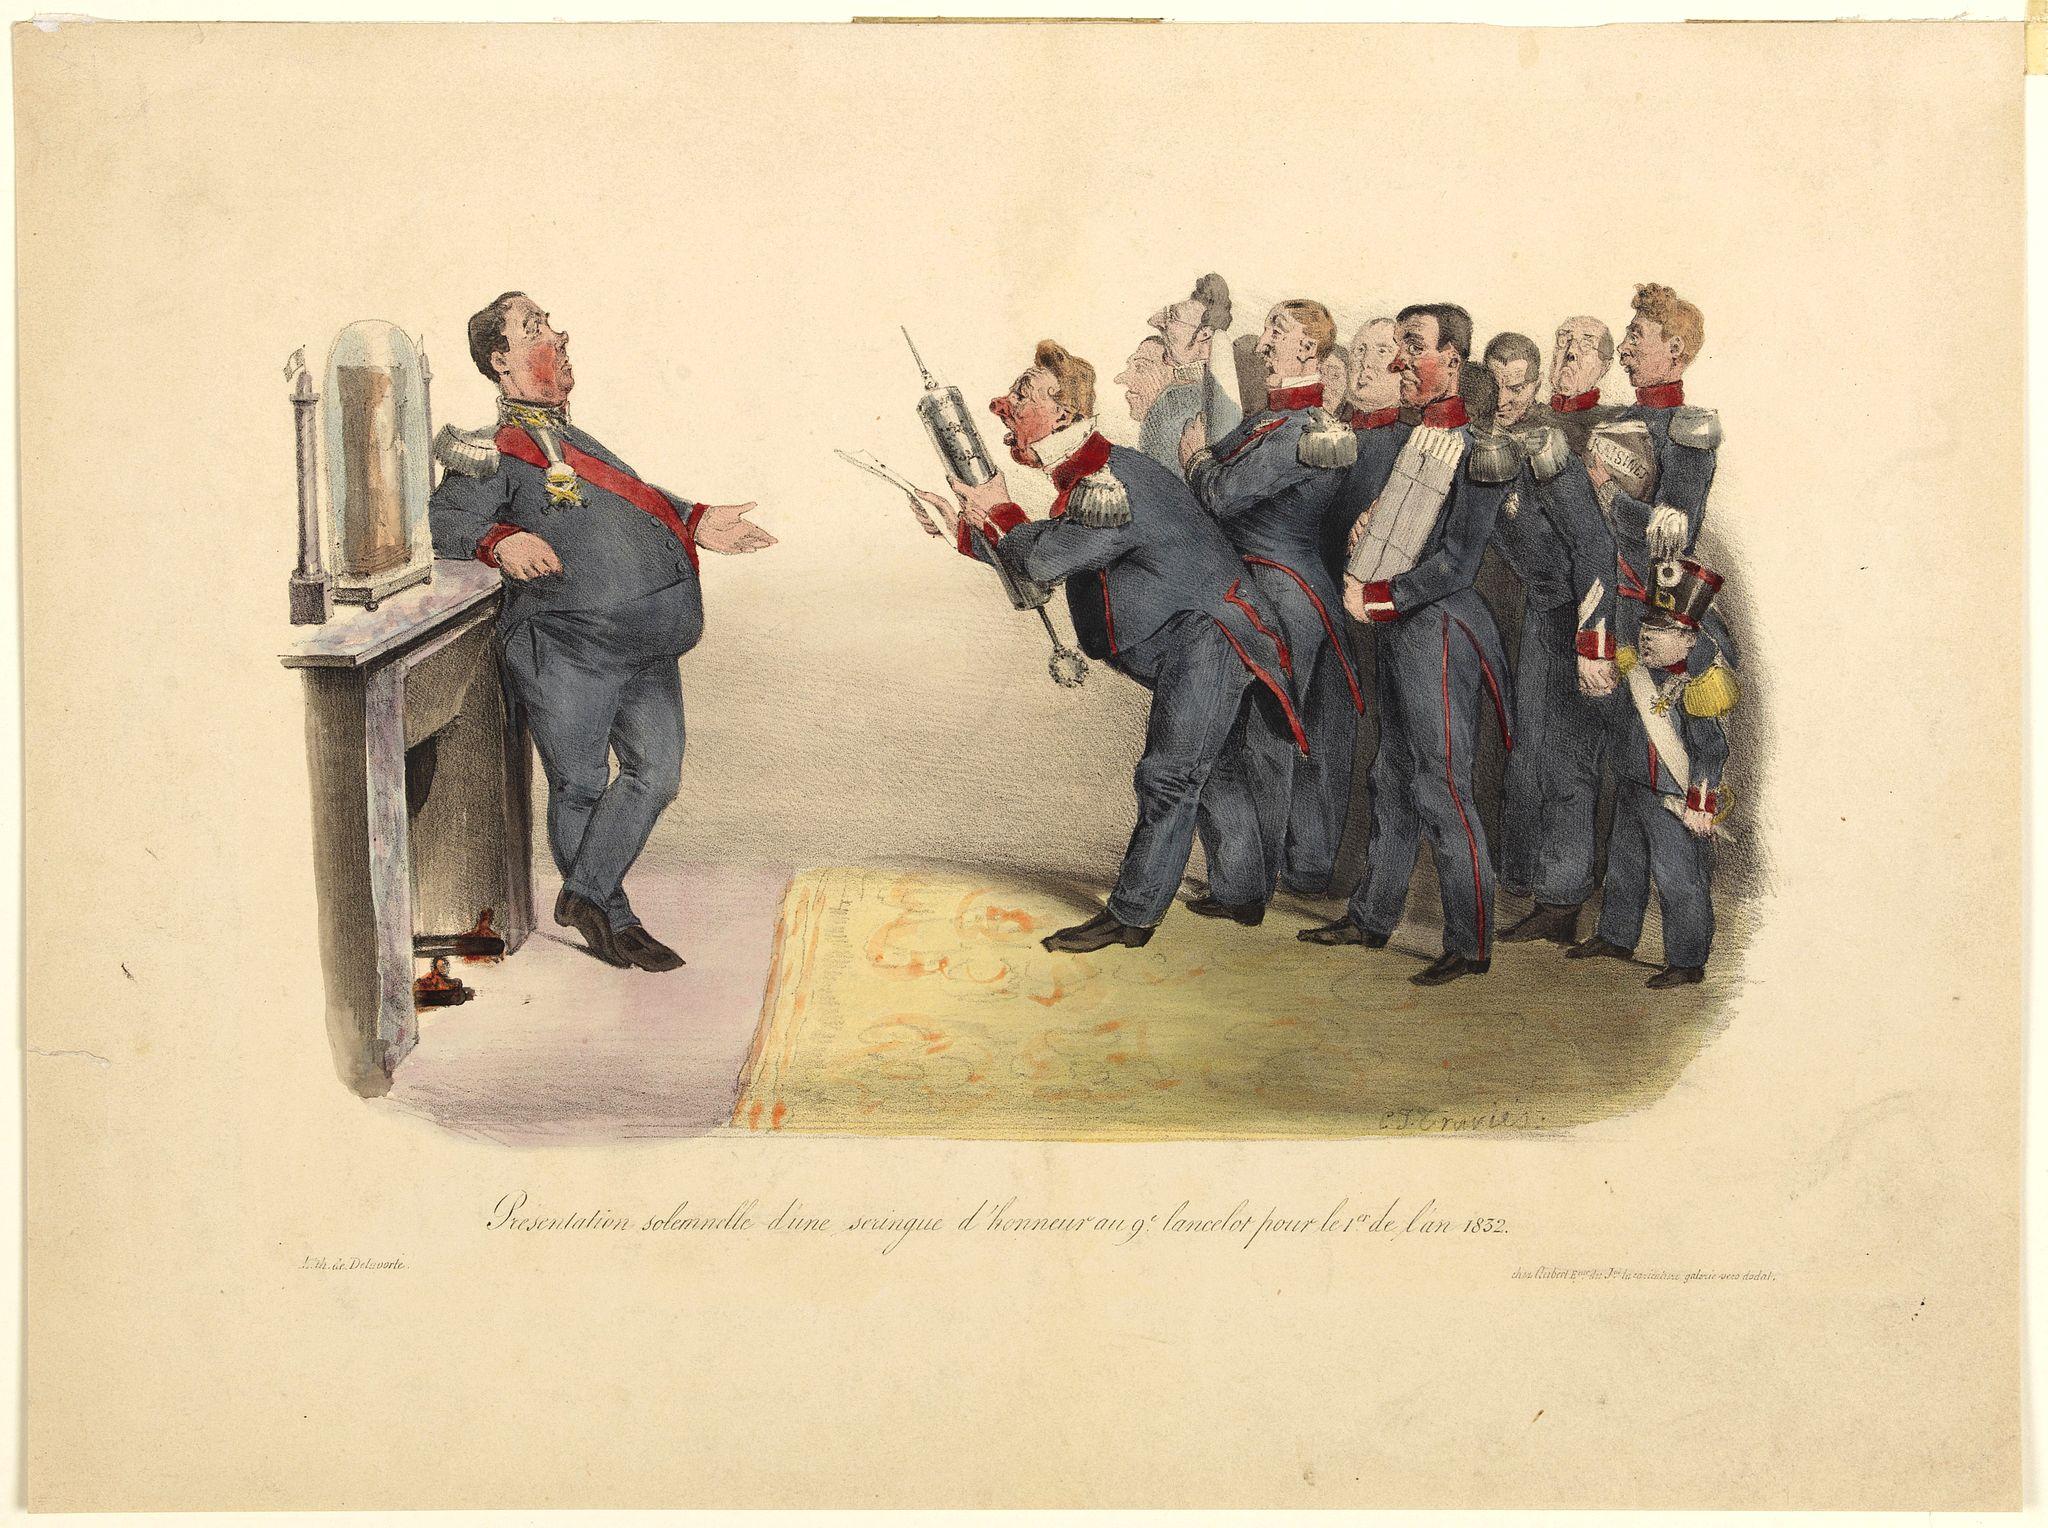 TRAVIES, Charles Joseph. -  Présentation solennelle d'une seringue d'honneur au 9e lancelot pour le Ier de l'an 1832.